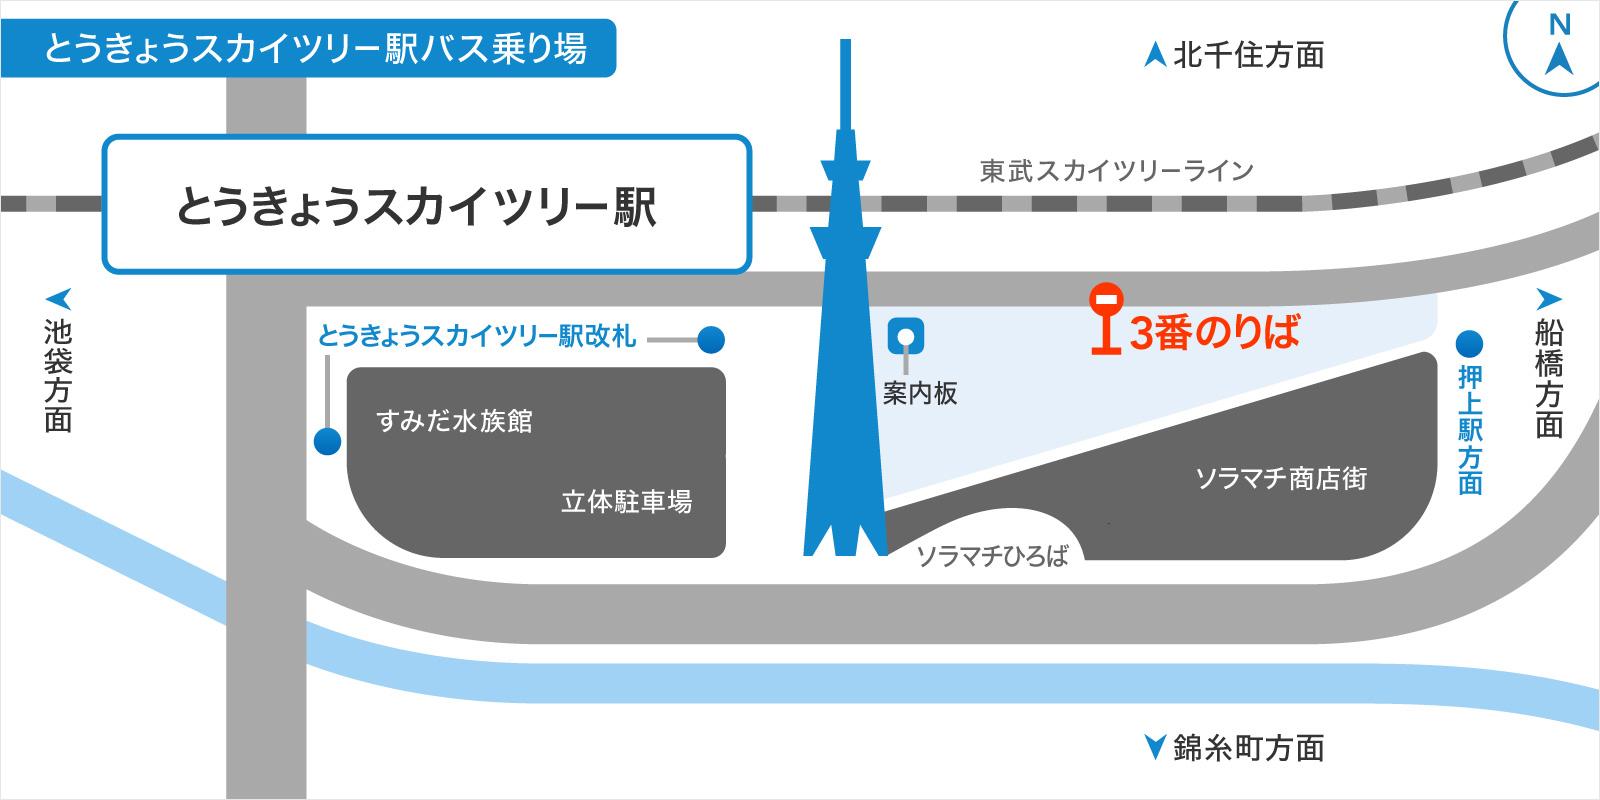 東京スカイツリータウンバス乗り場の画像